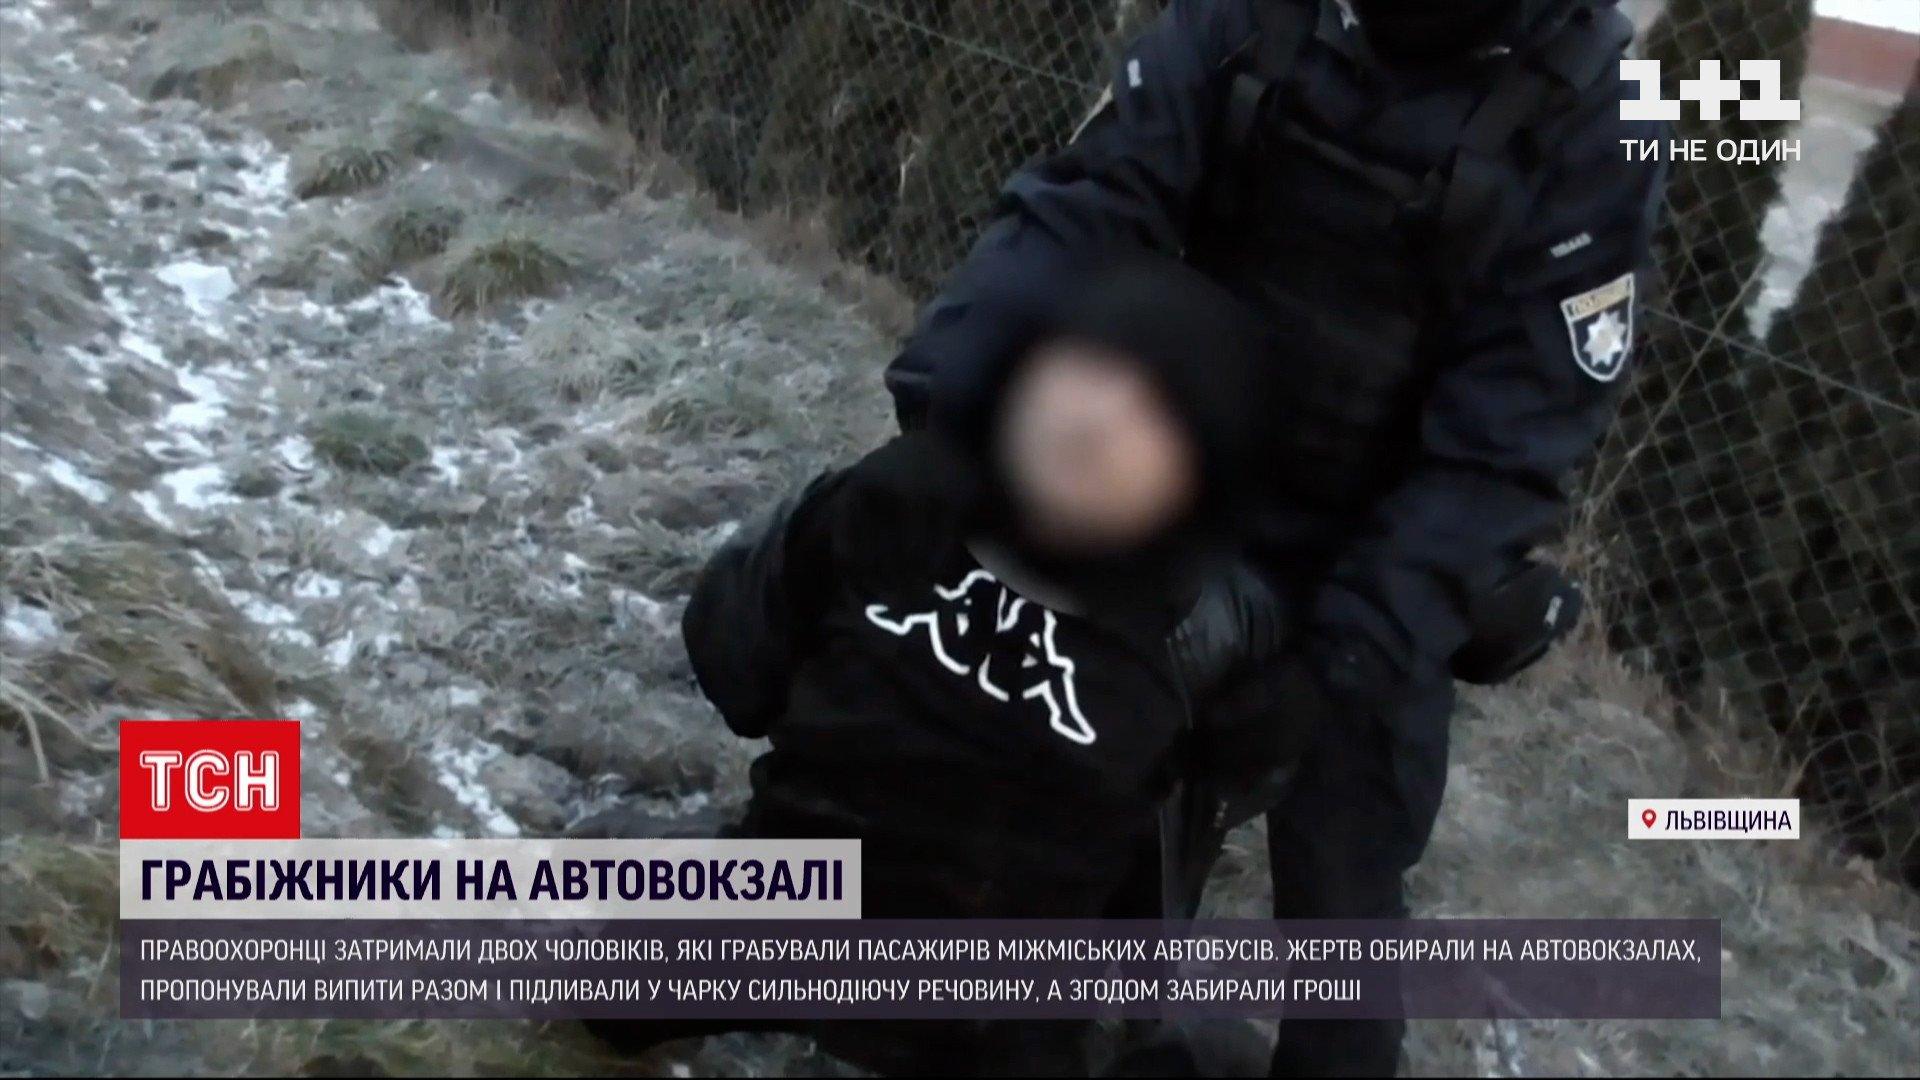 Грабили пассажиров — на Львовщине задержали подозреваемых в